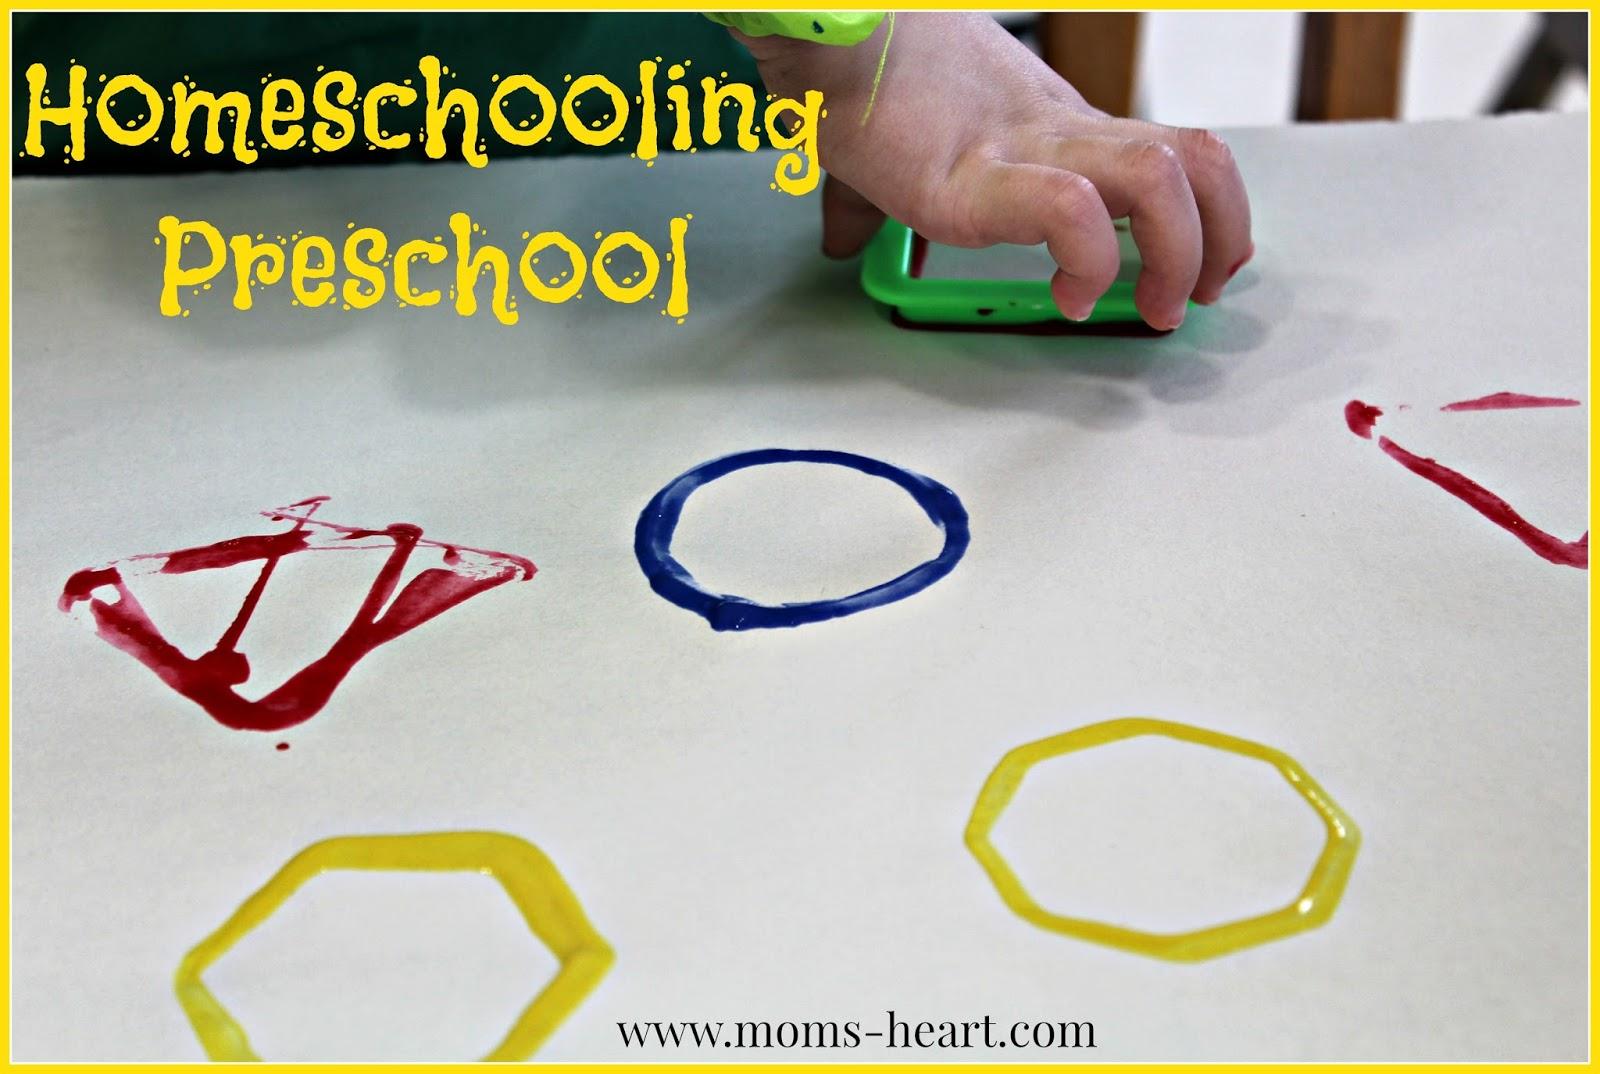 homeschooling preschoolers s homeschooling preschool 699